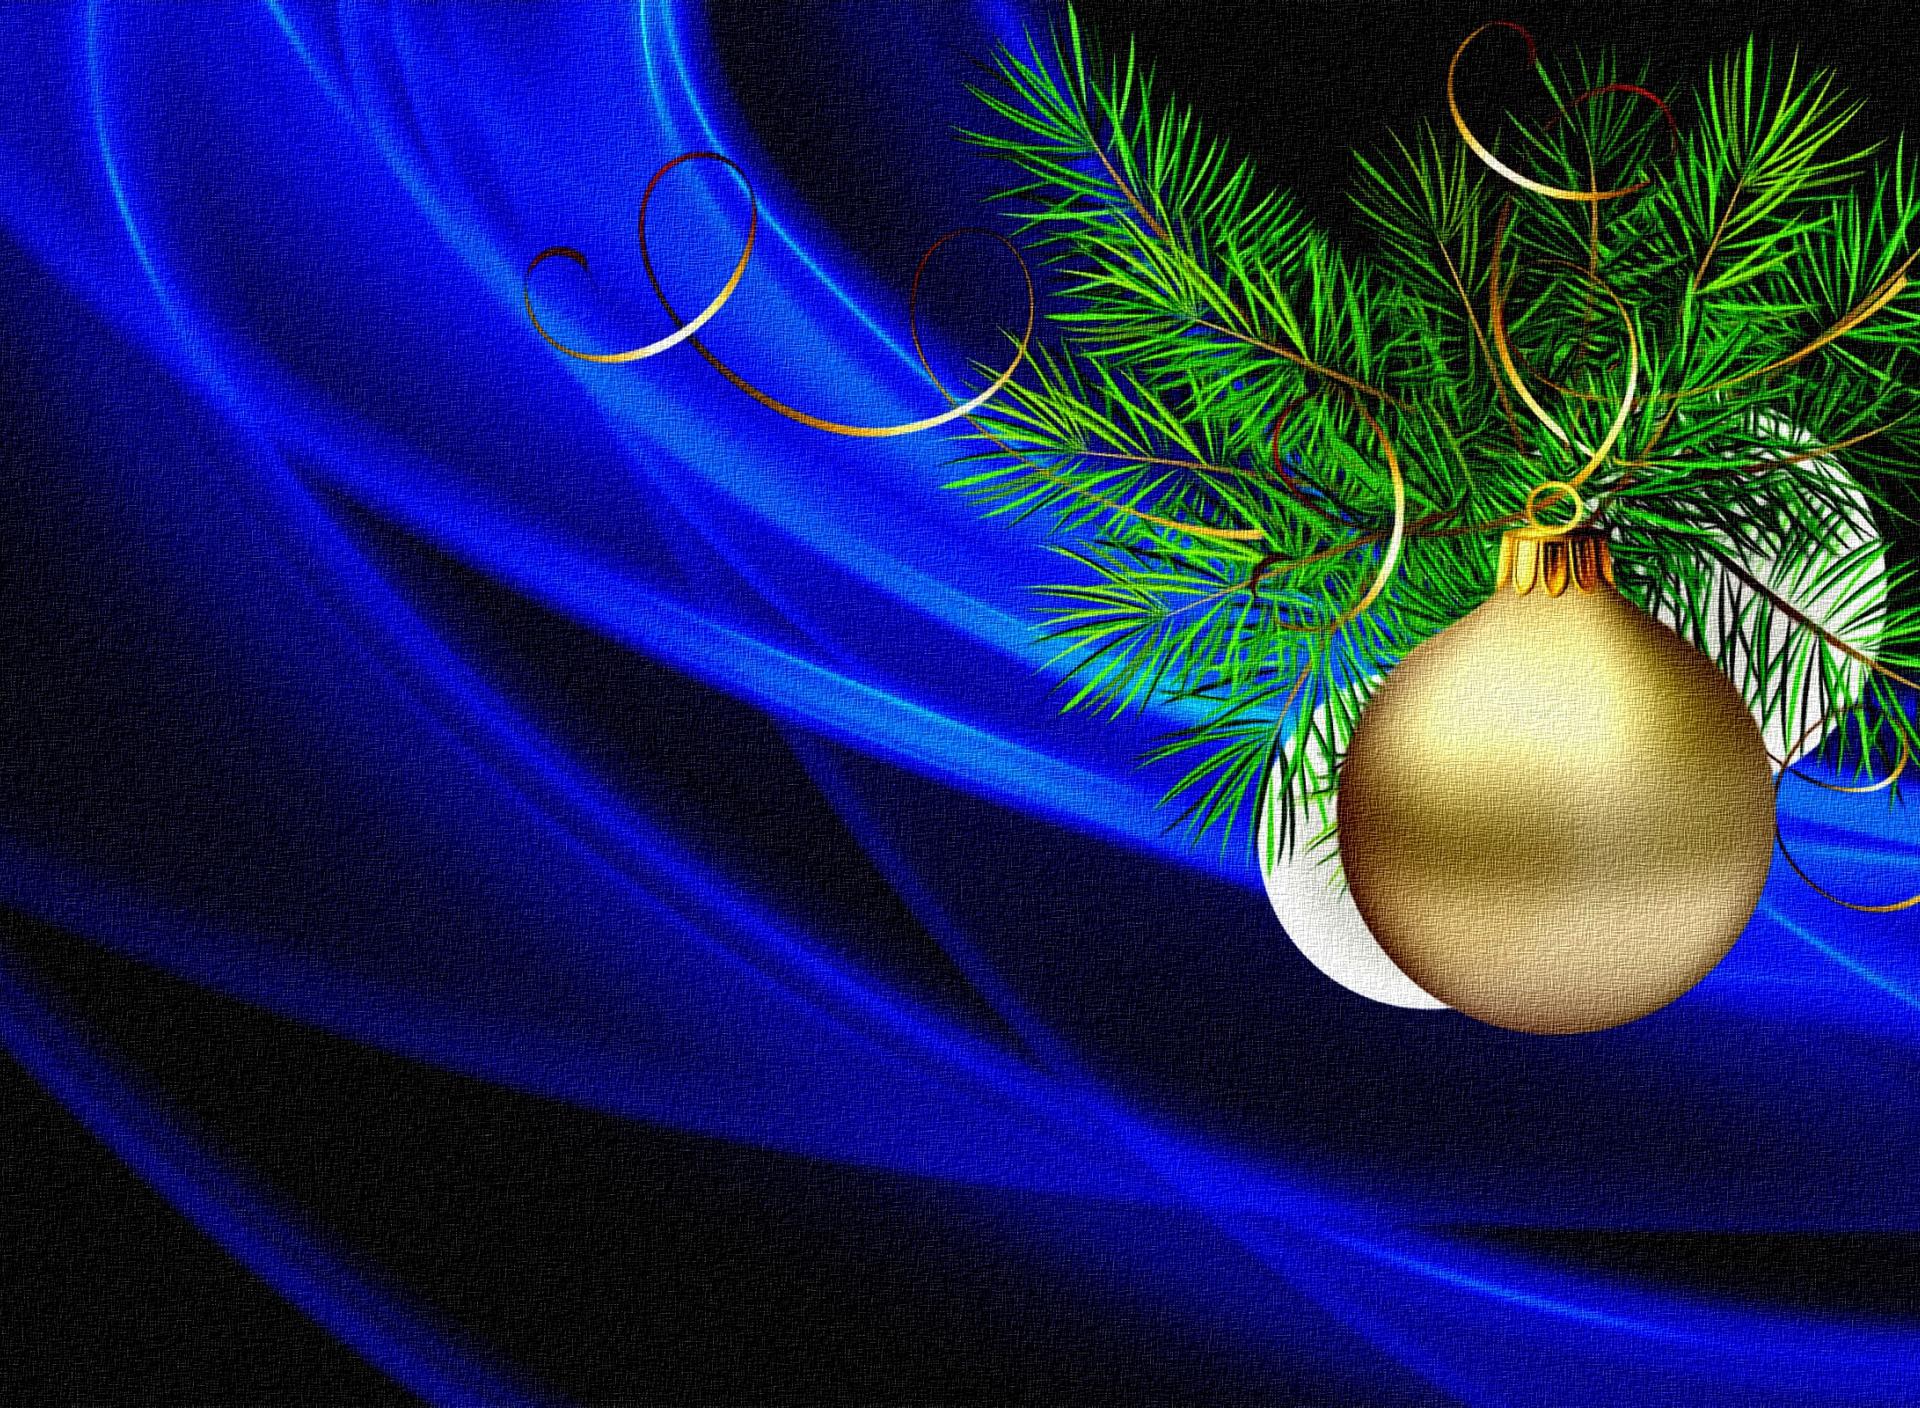 еловая ветка открытка новый год два